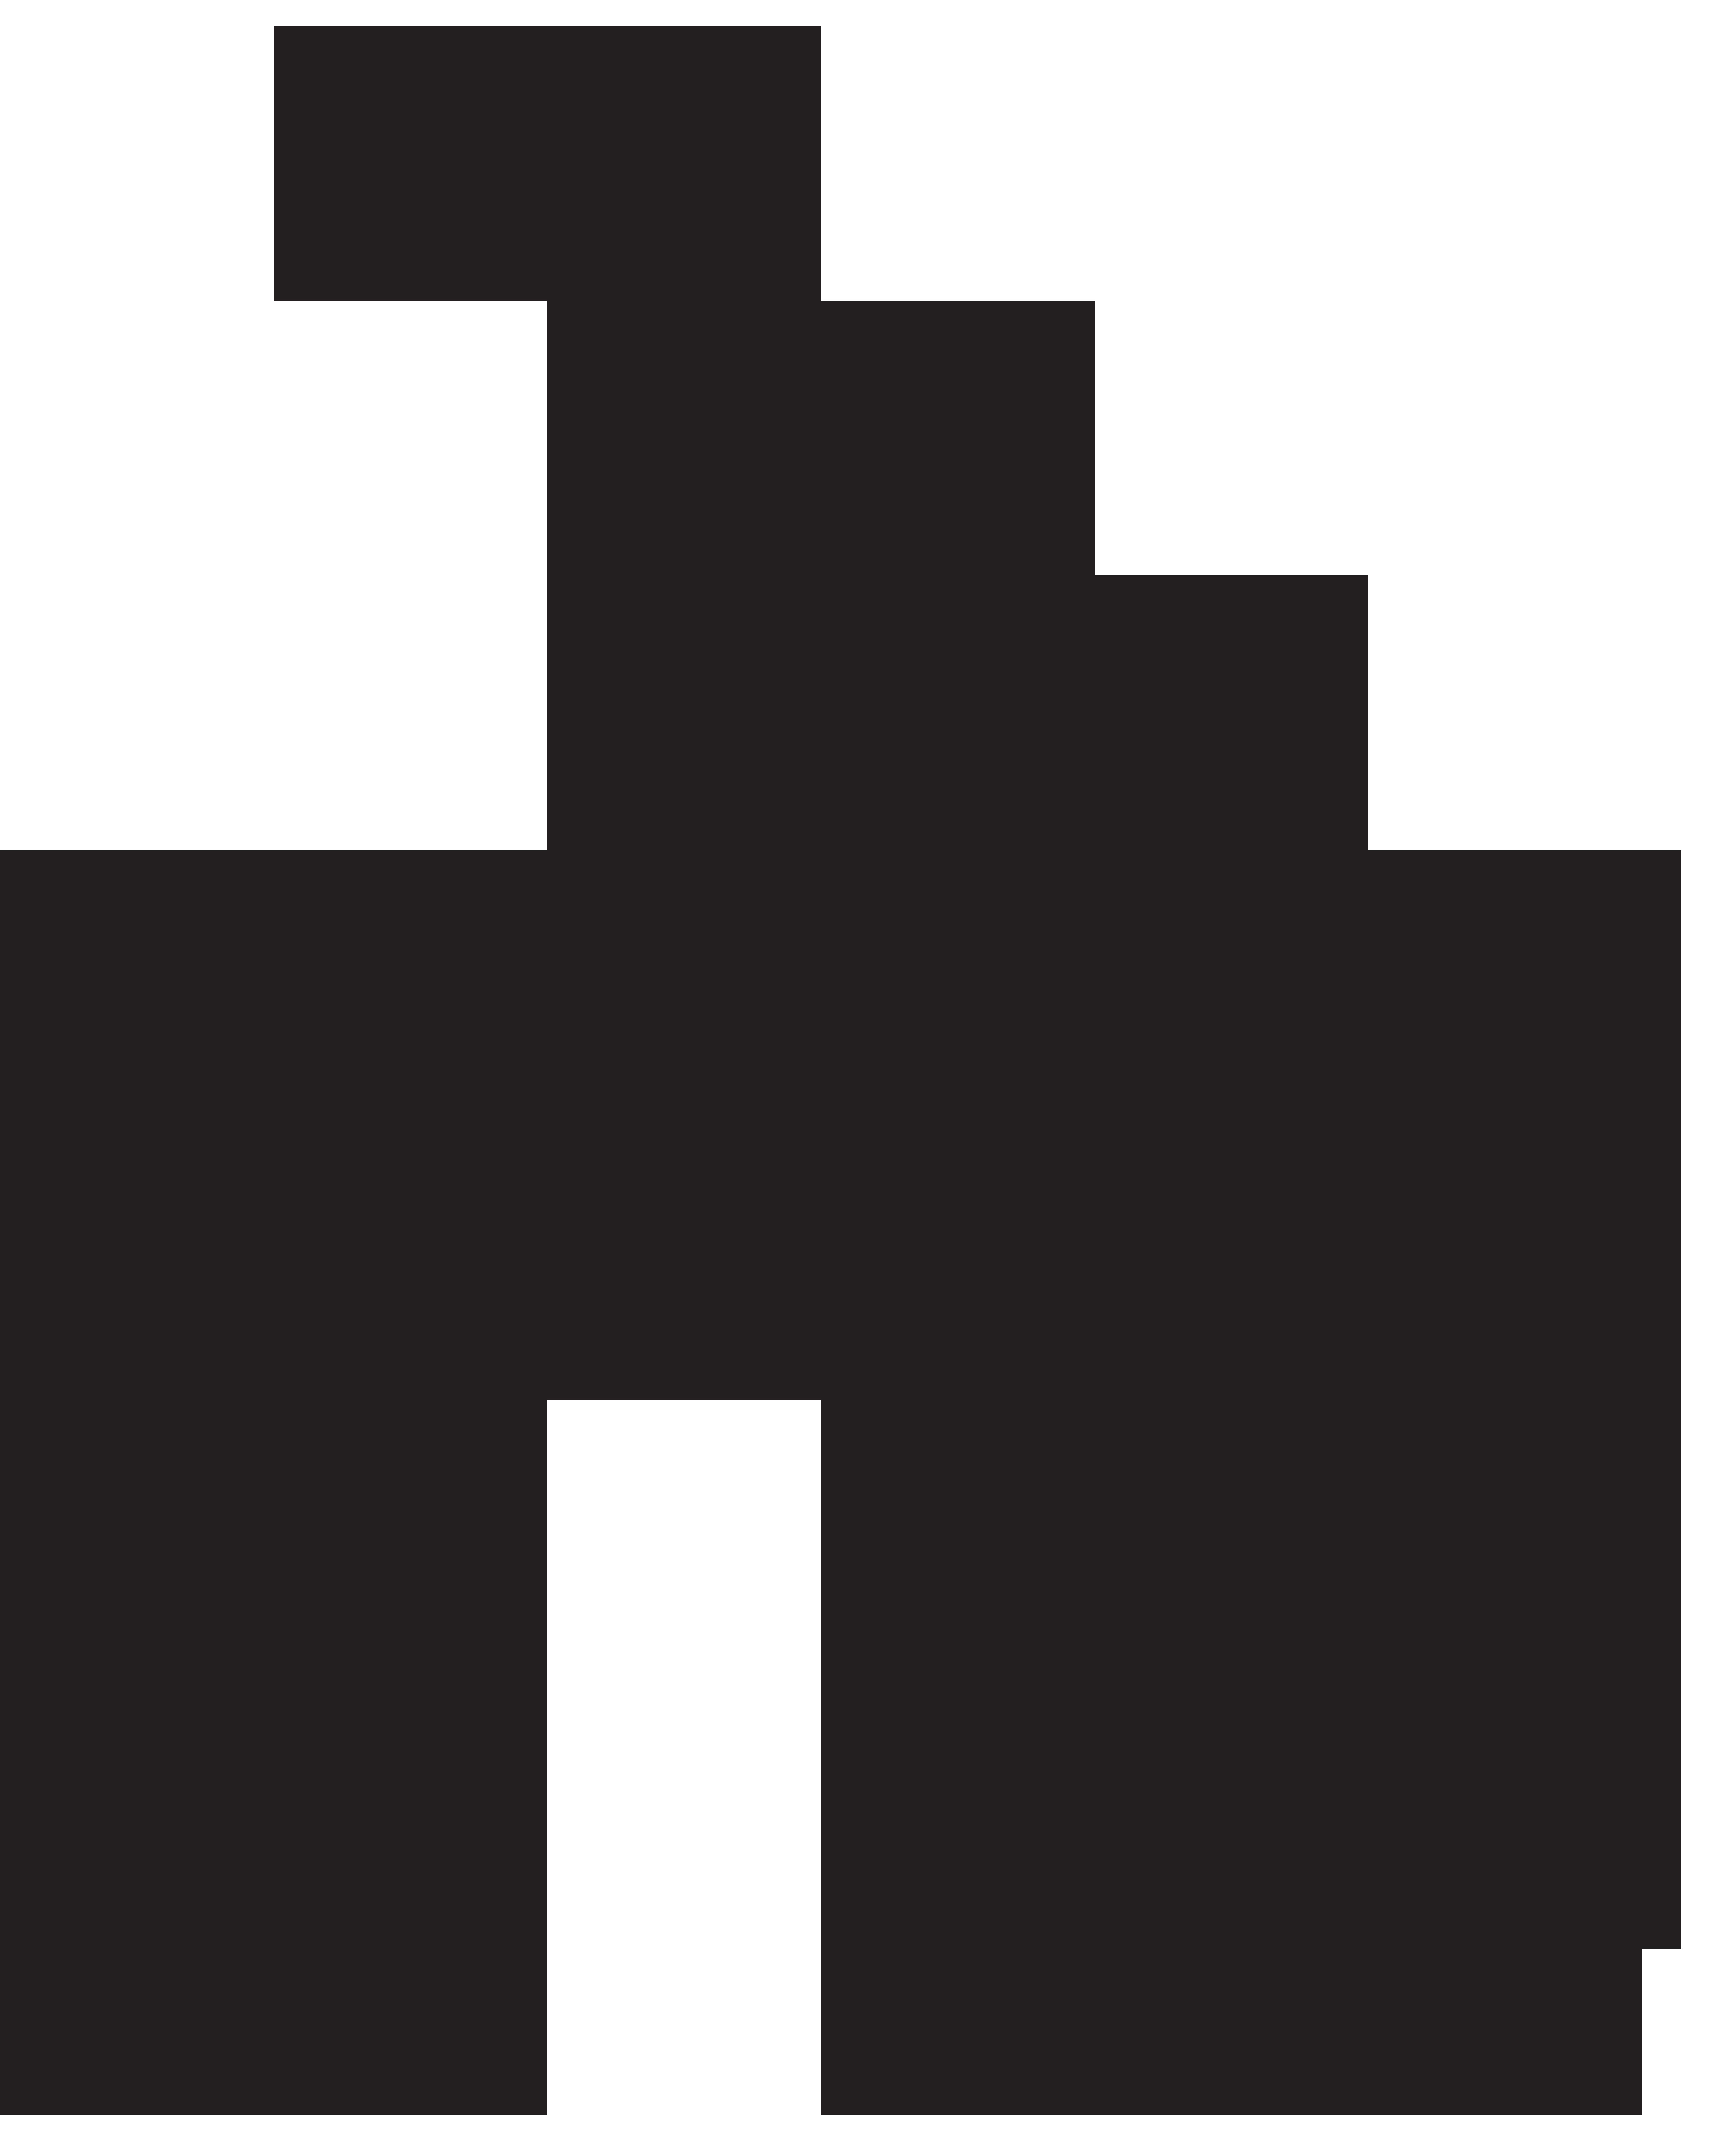 Giraffes png clip art. Wildcat clipart silhouette